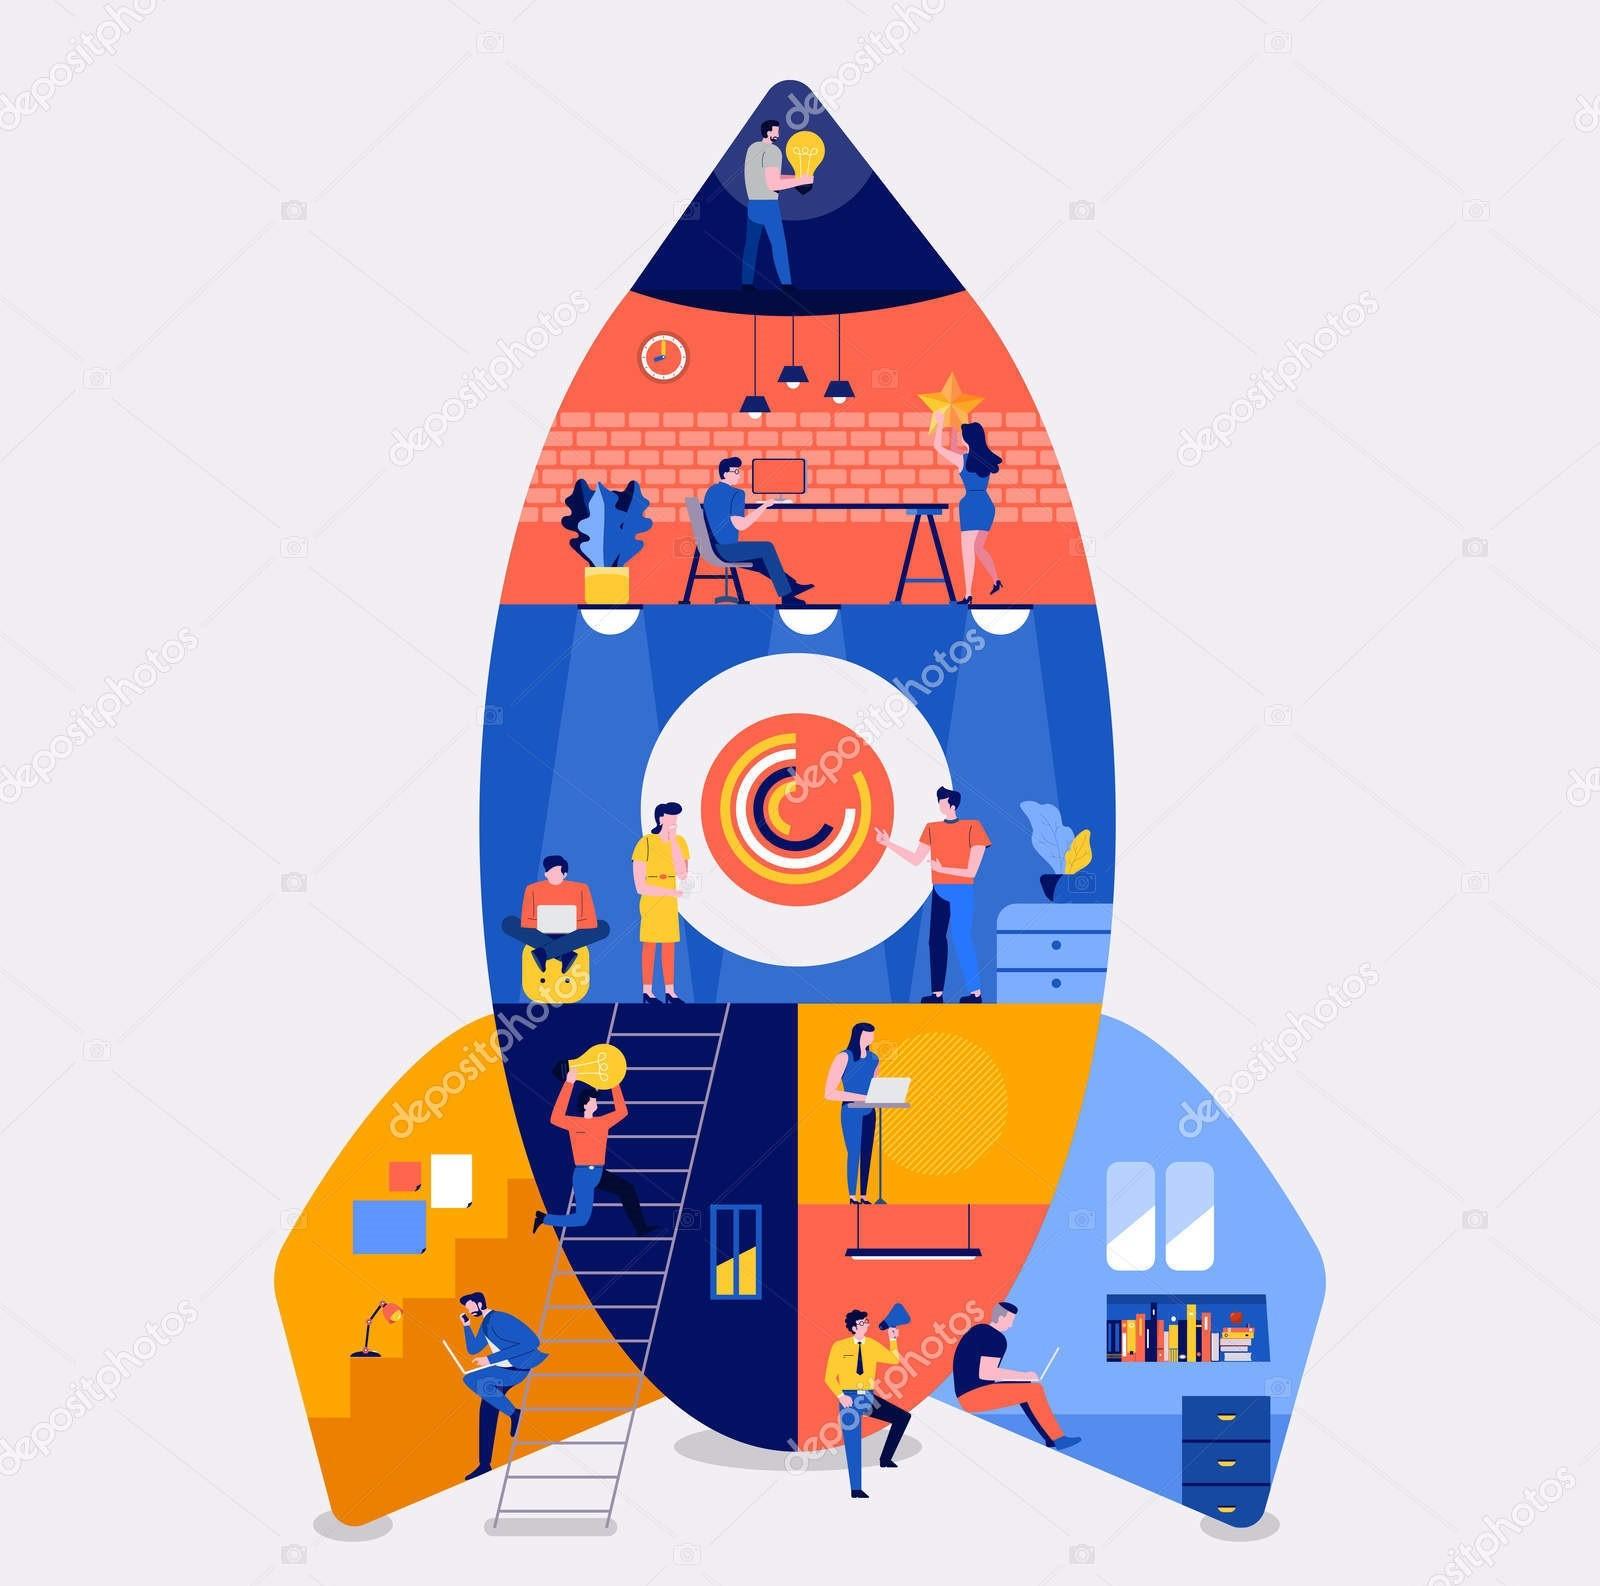 مدیریت فرایند در کسب و کارهای کوچک 2